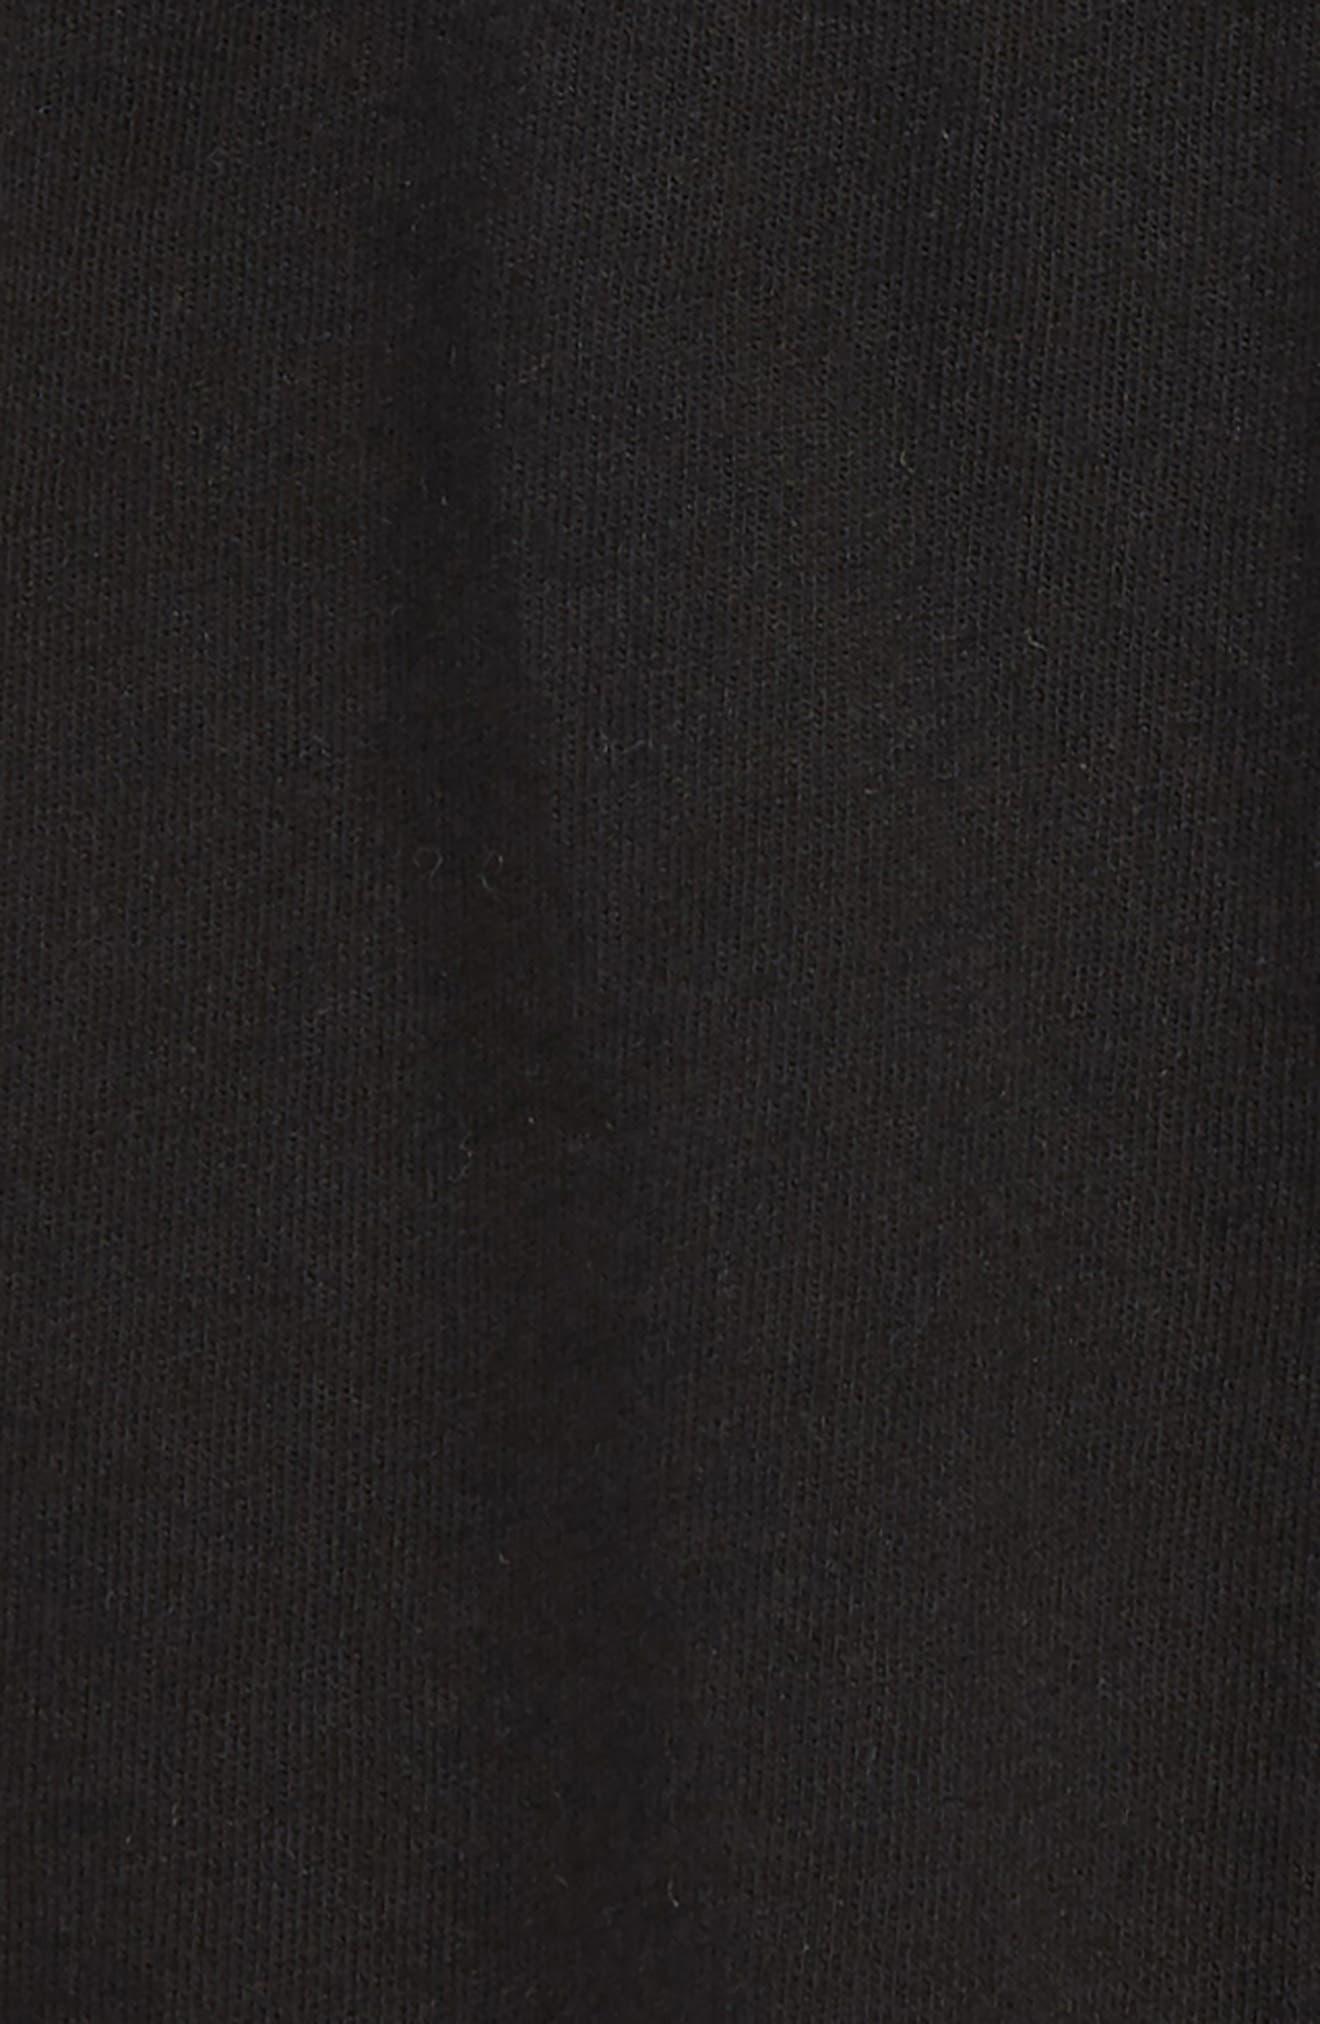 Knit Shorts,                             Alternate thumbnail 2, color,                             001